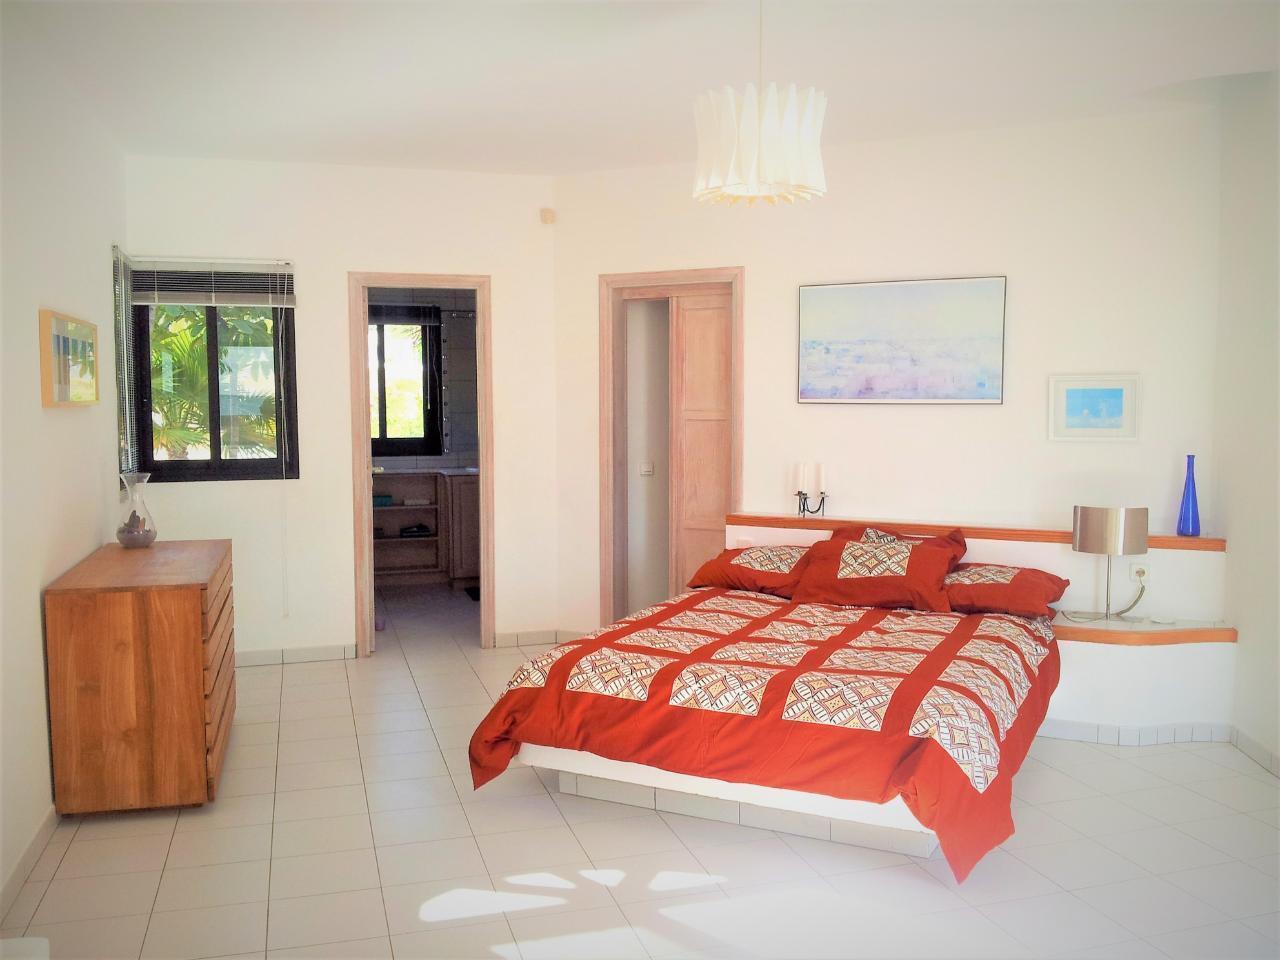 Ferienhaus Exklusive Villa in Strandnähe (642541), Giniginamar, Fuerteventura, Kanarische Inseln, Spanien, Bild 32